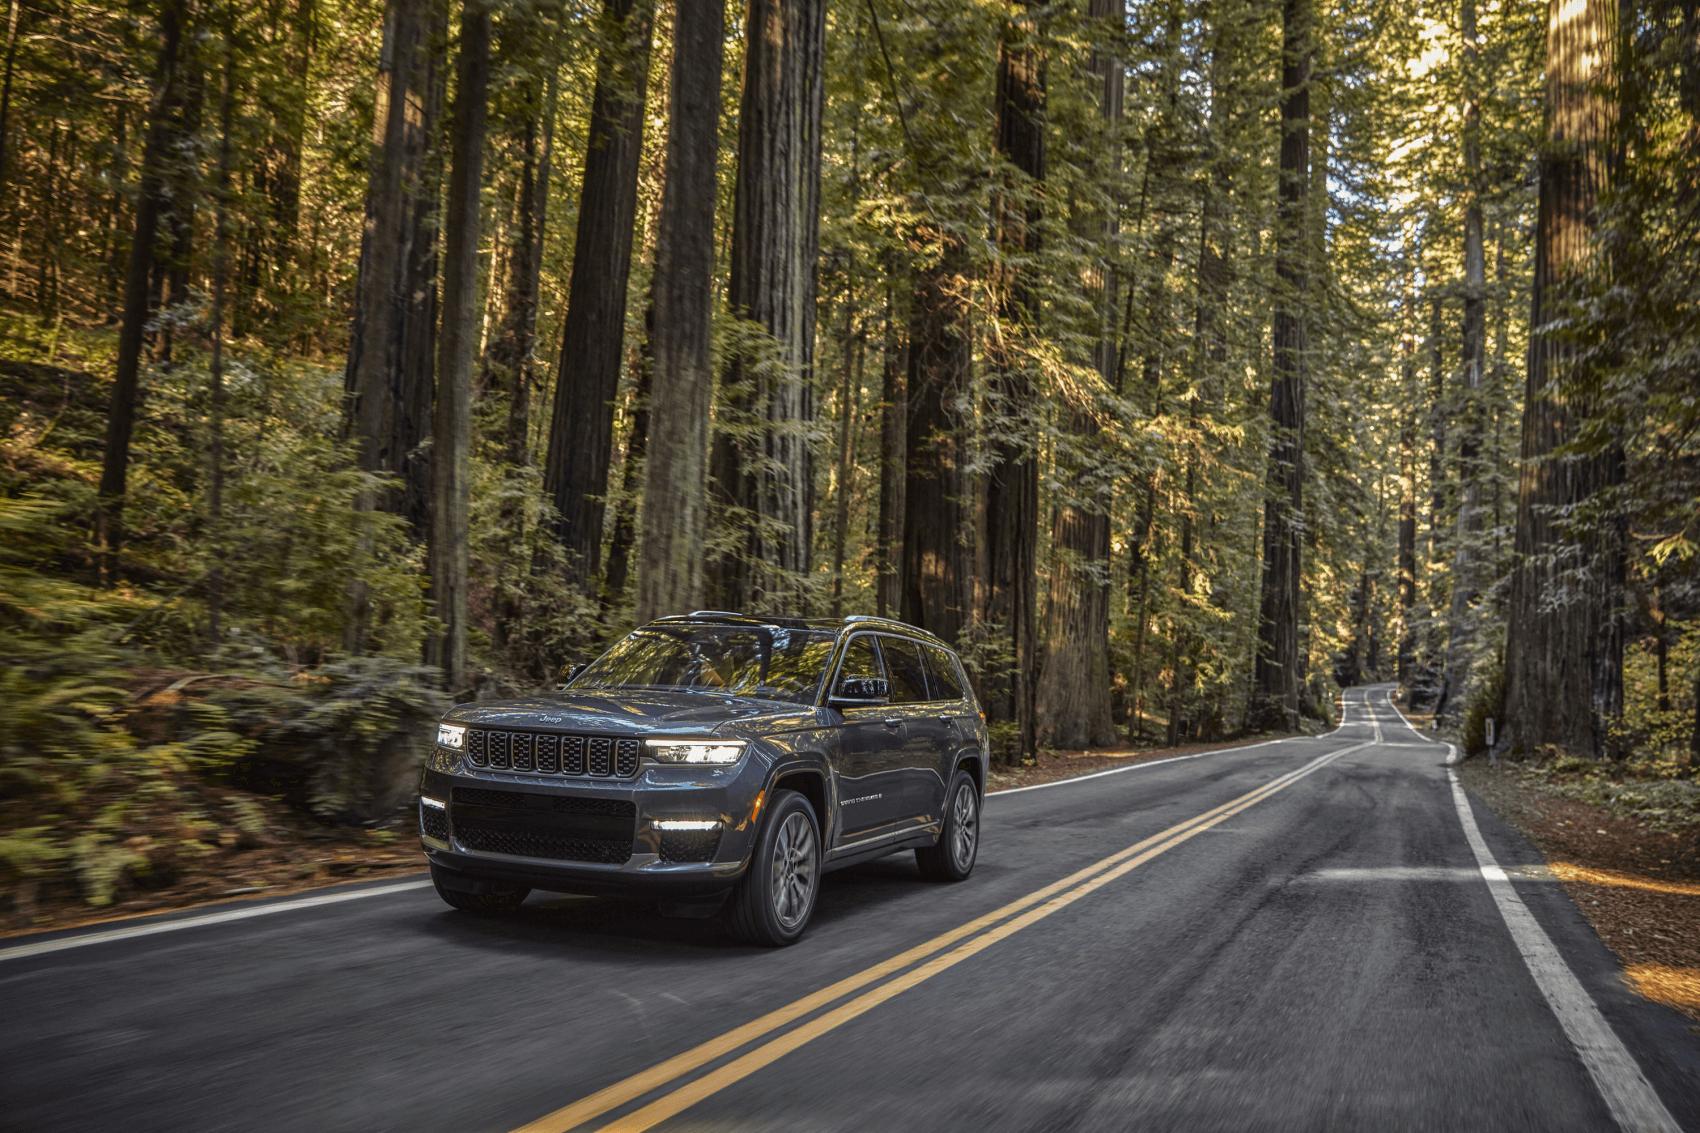 2021 Jeep Grand Cherokee Summit Granite Crystal Metallic Wooded Road Findlay CDJR